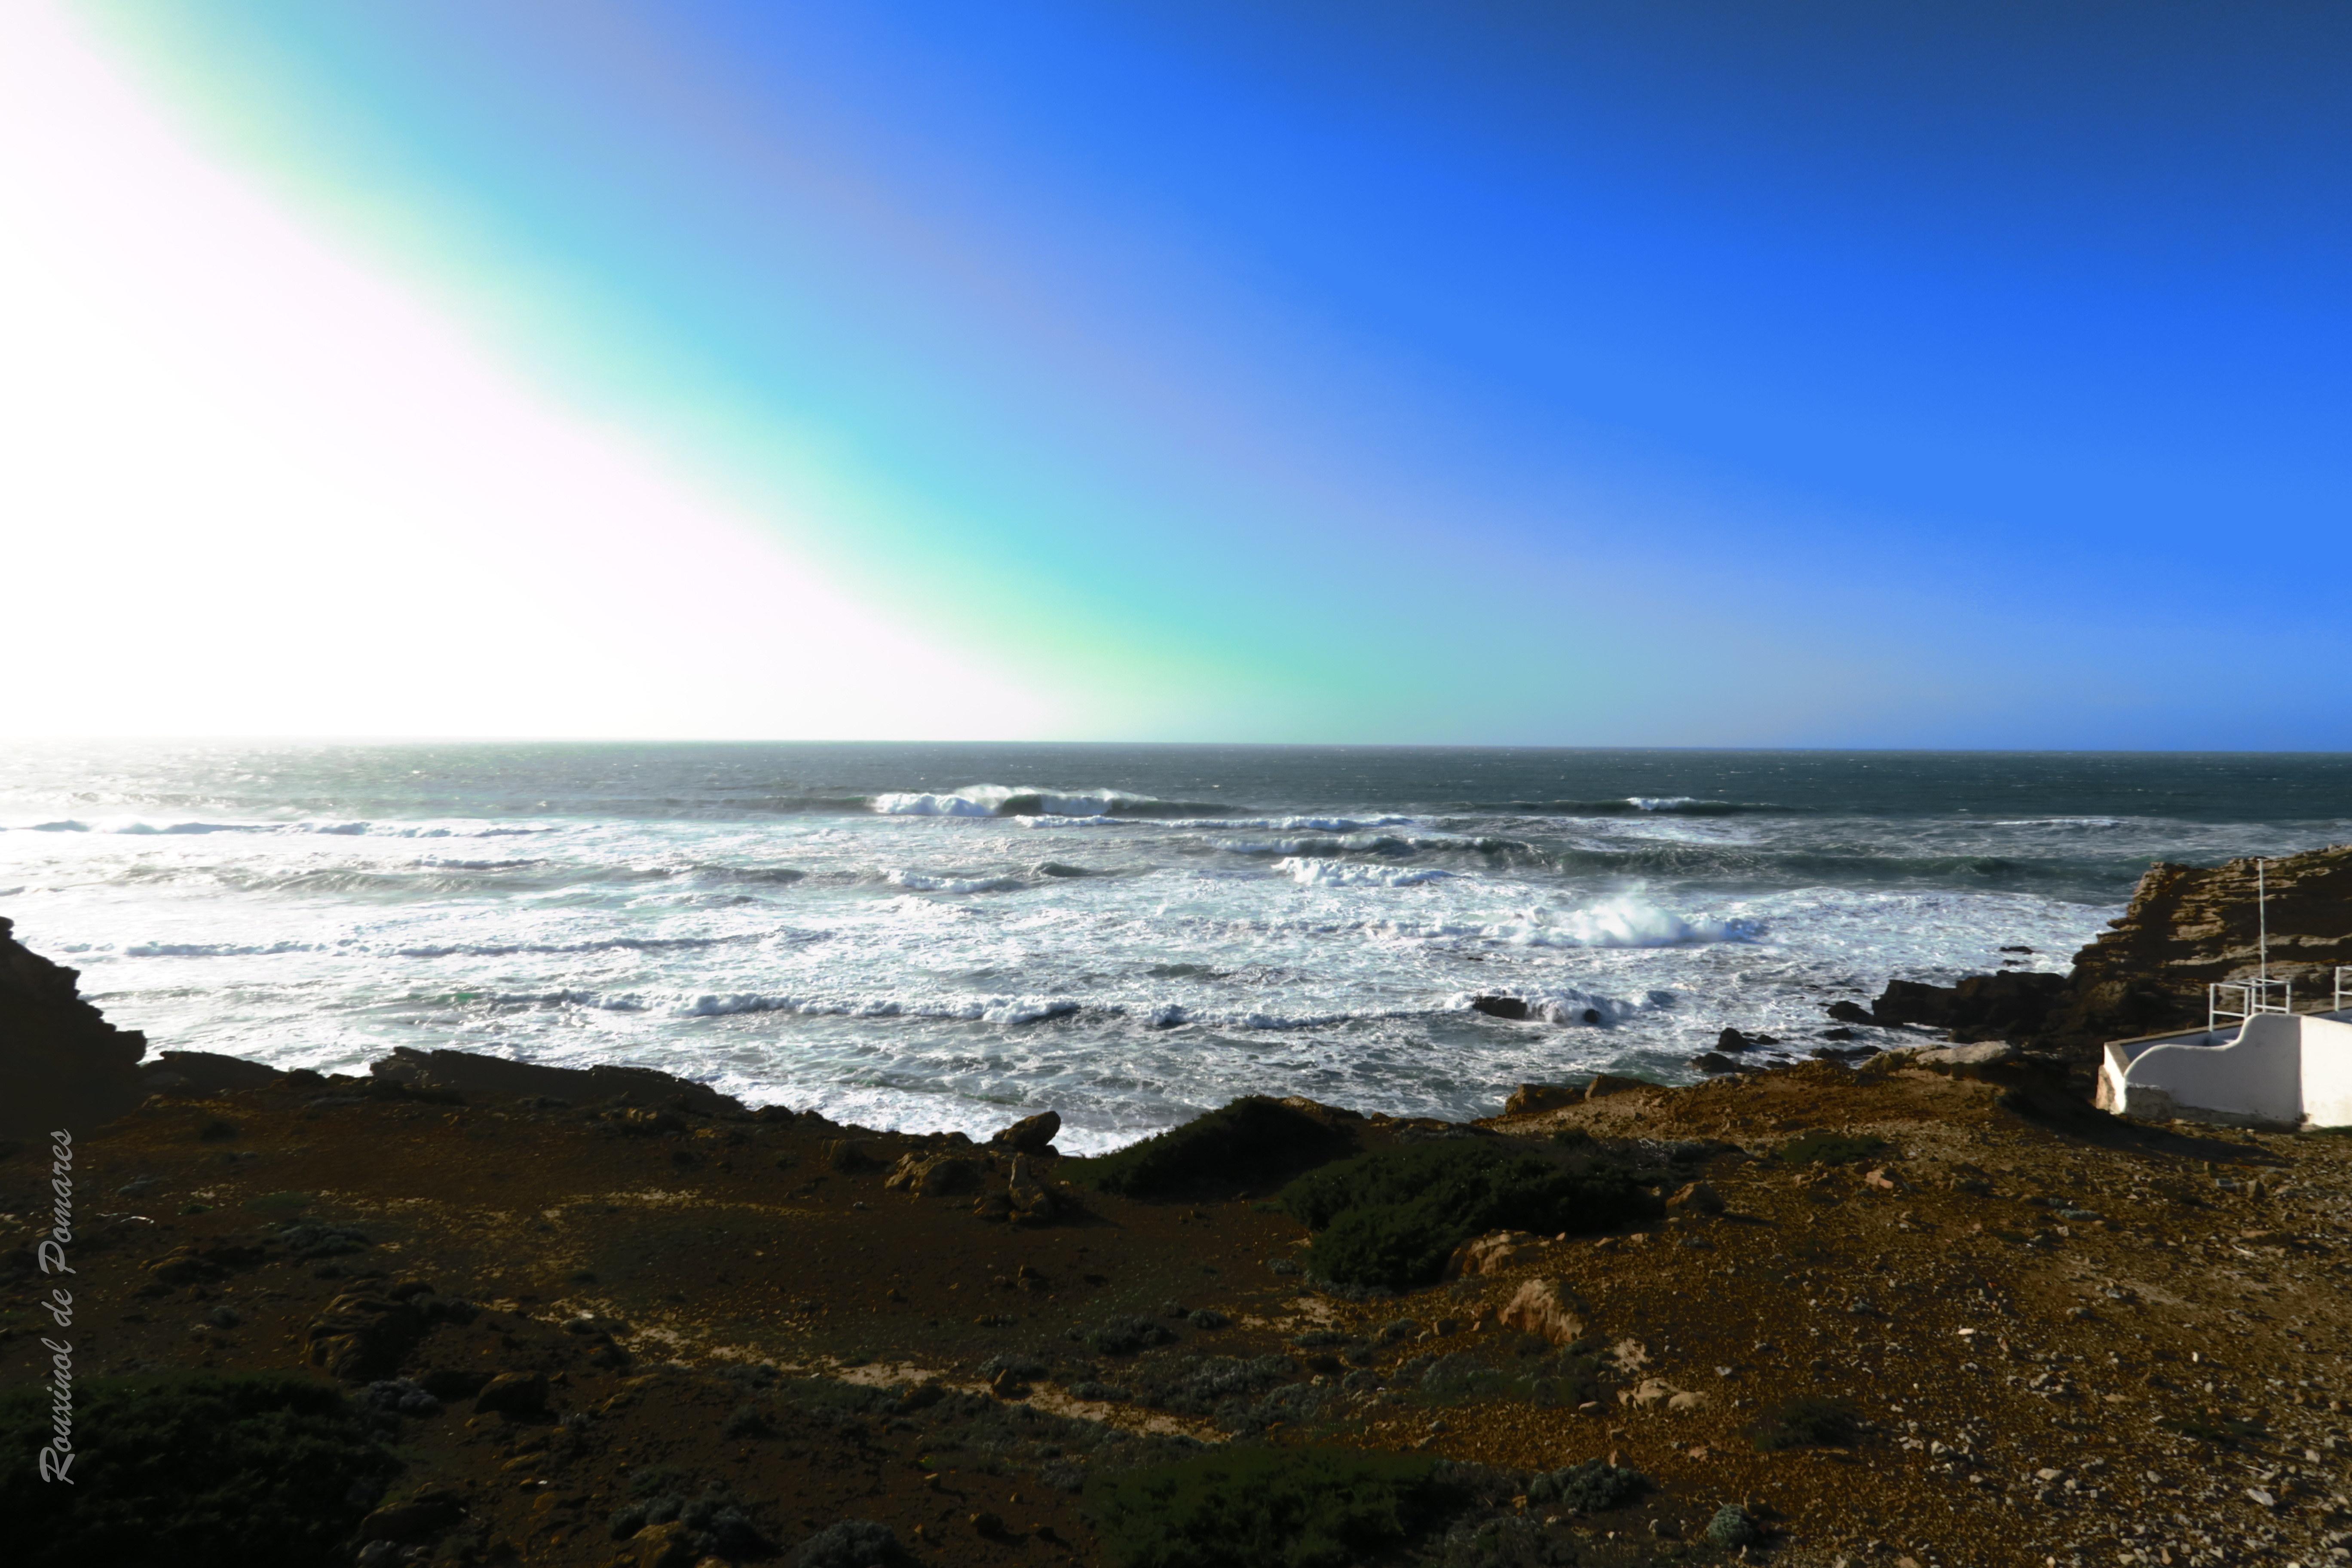 O Mar do Guincho